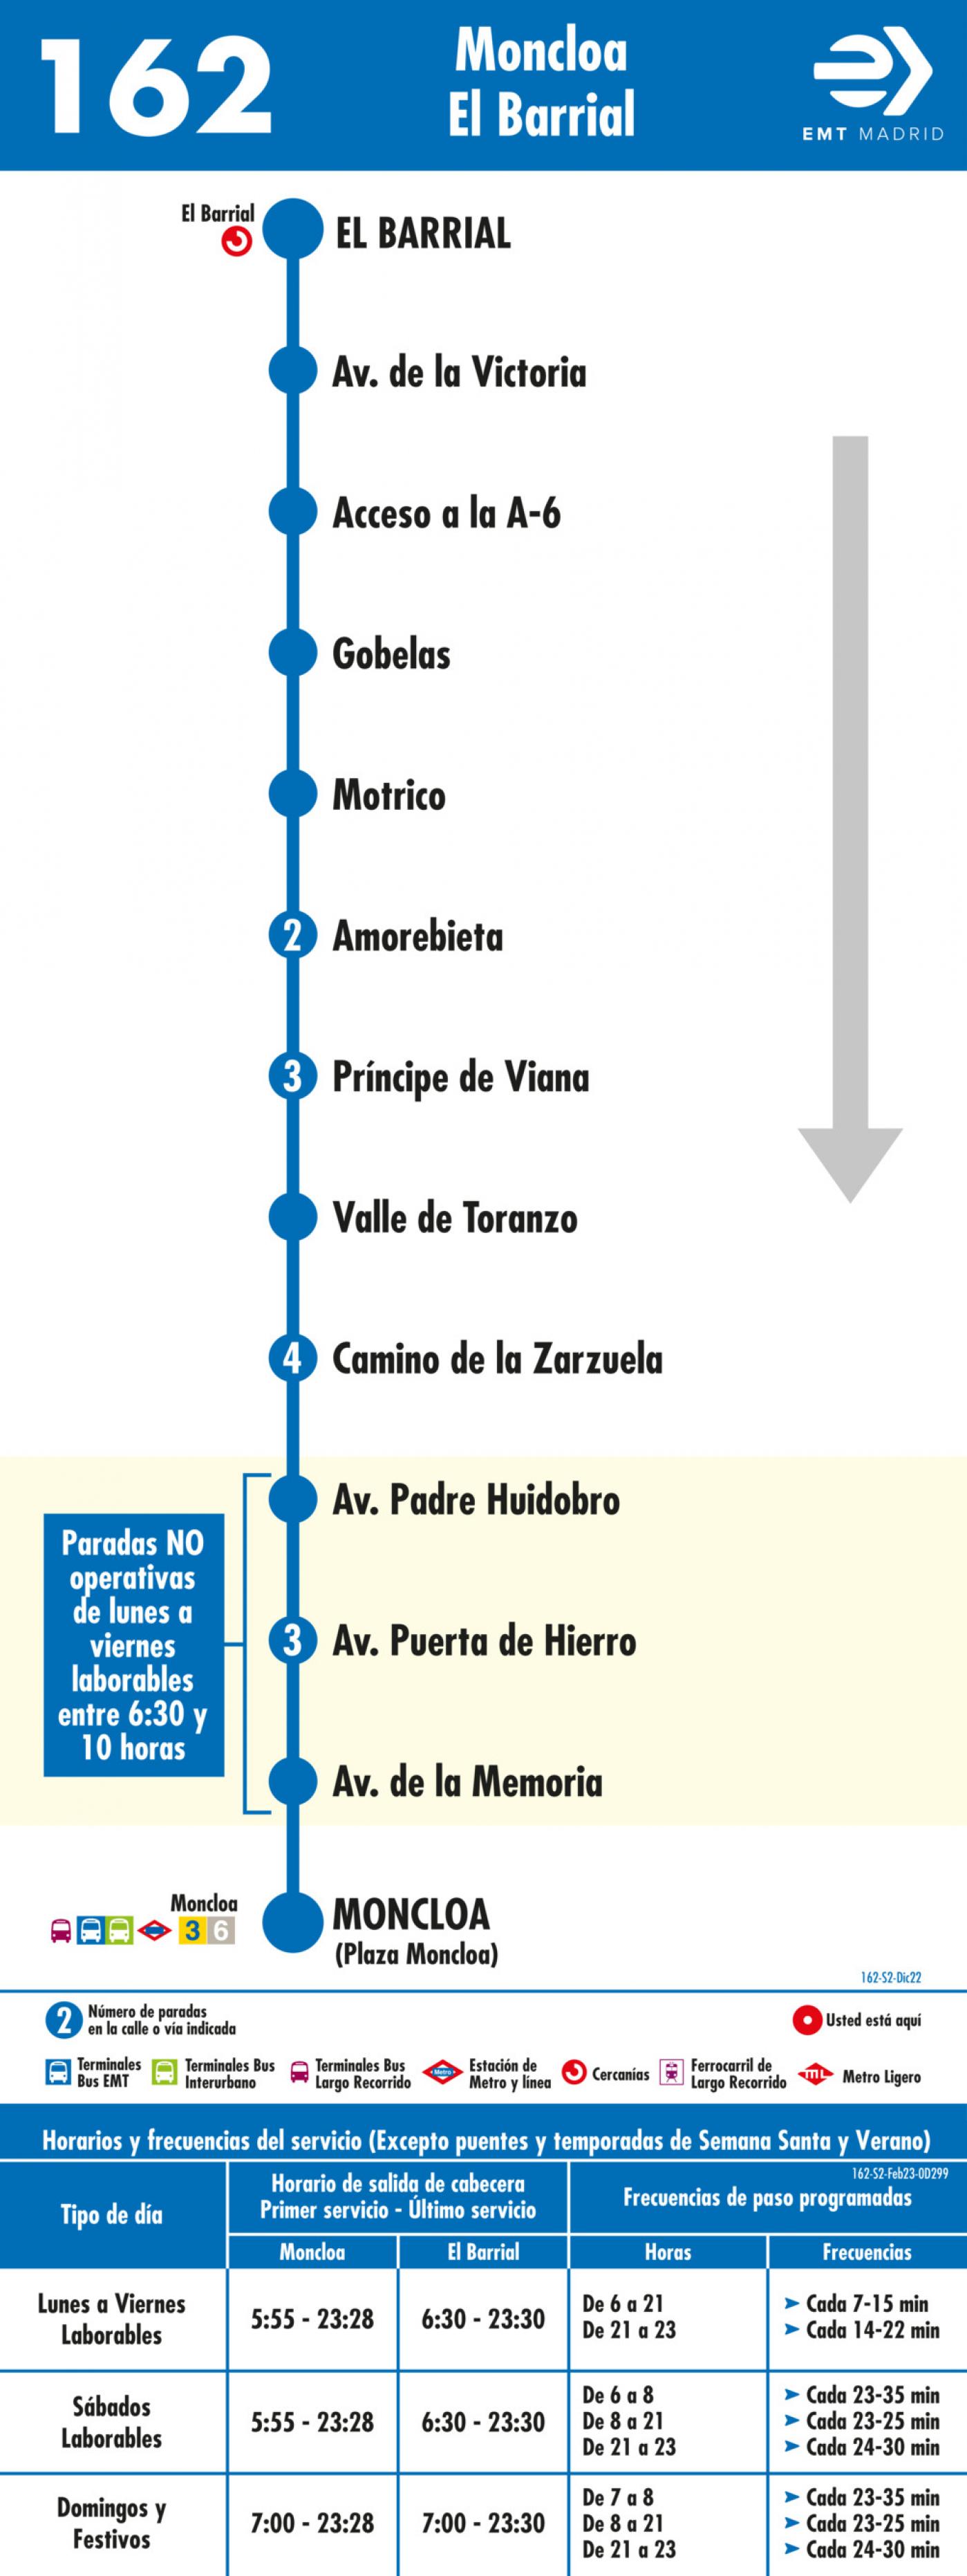 Tabla de horarios y frecuencias de paso en sentido vuelta Línea 162: Moncloa - El Barrial